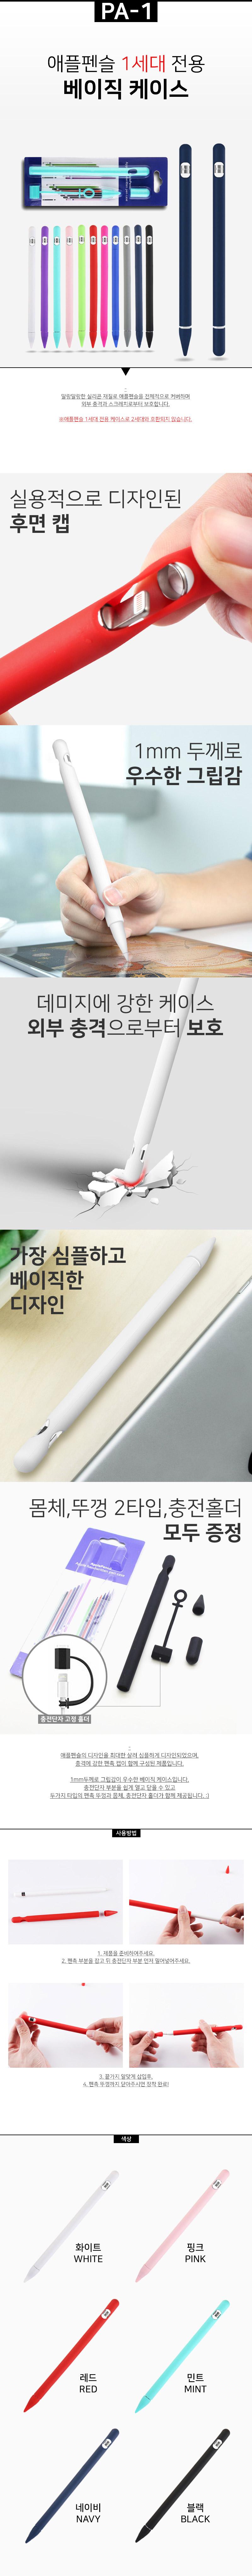 애플펜슬 1세대 베이직 실리콘 케이스 pa-1 - 태블리스, 5,900원, 터치팬/스마트장갑, 터치팬